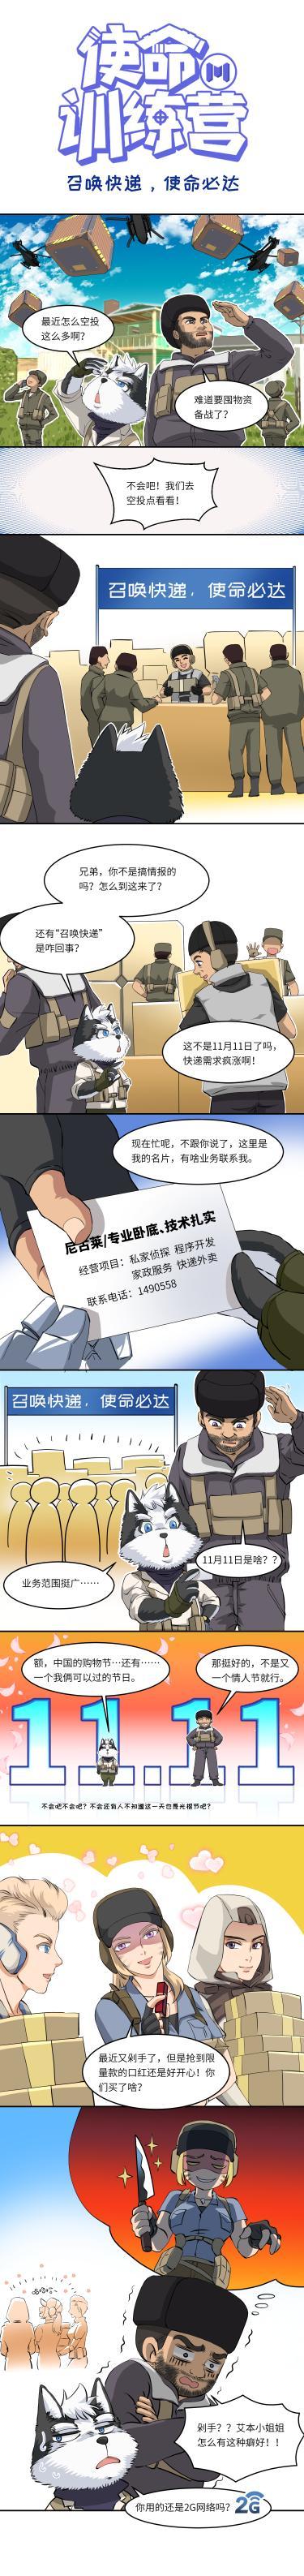 【使命训练营】召唤快递,使命必达!